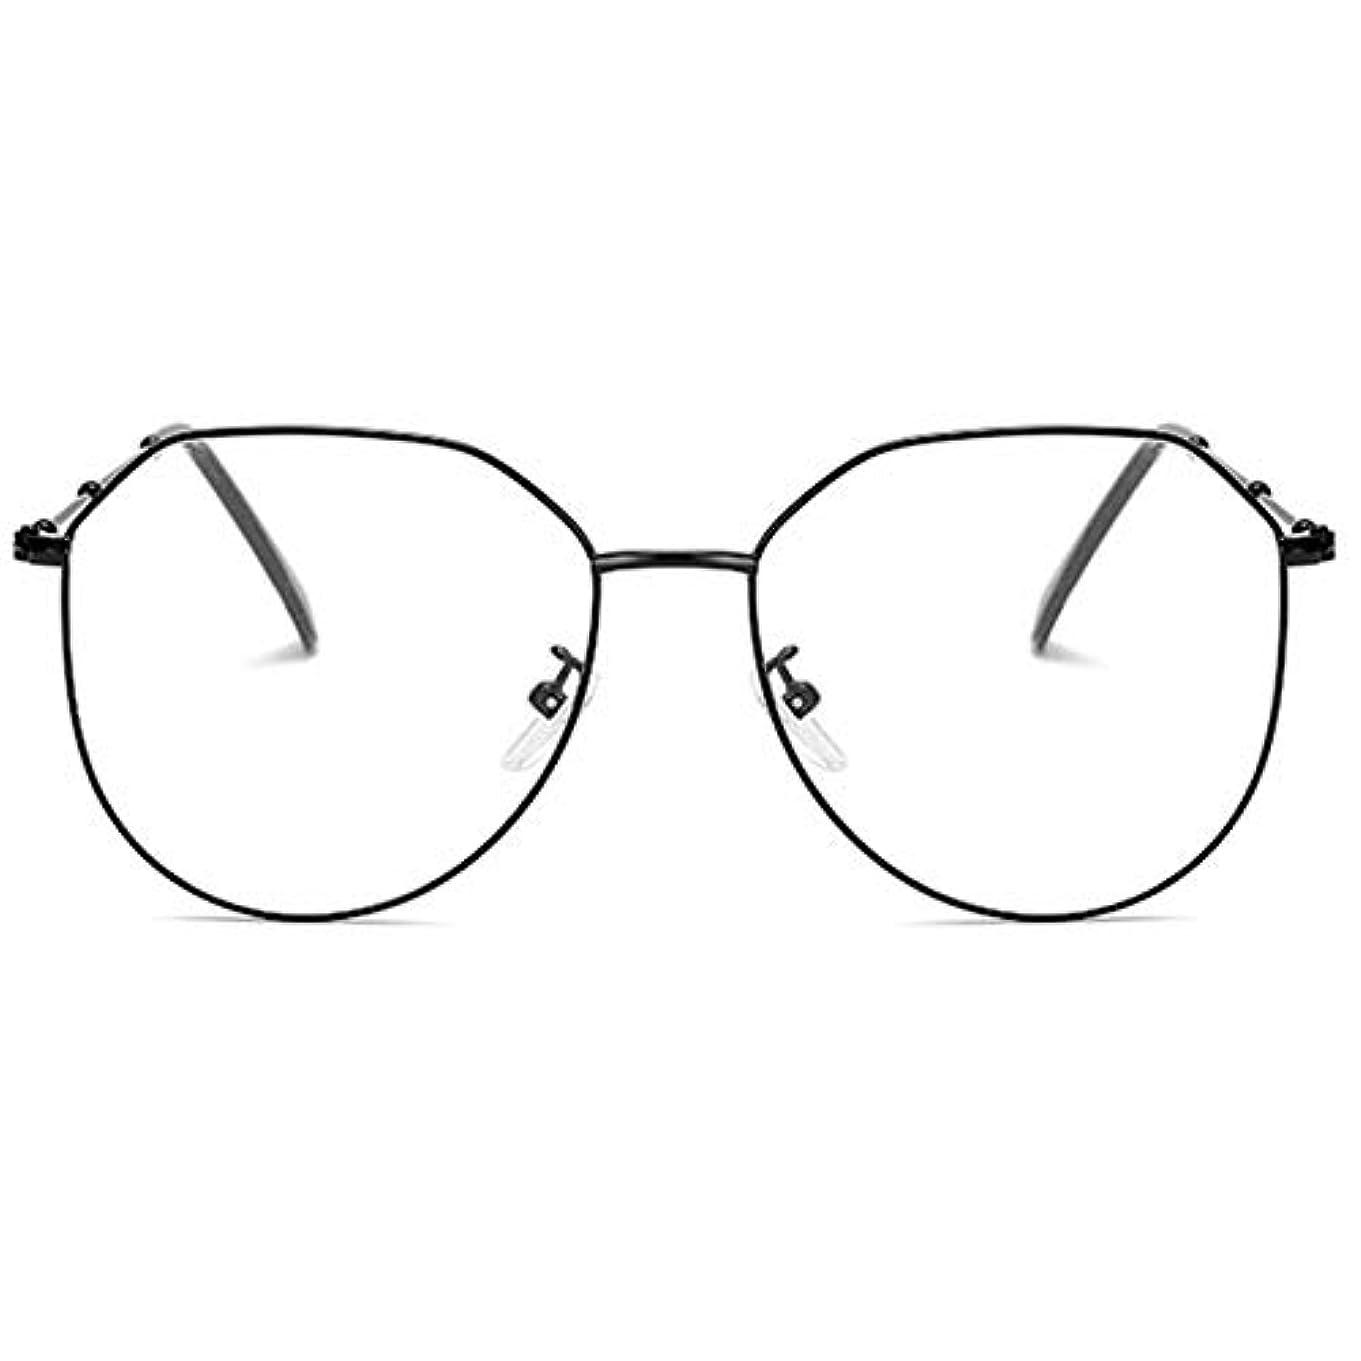 彼らのもの衝突するリア王放射線防護アンチブルーライト男性女性メガネ軽量金属フレームプレーンミラーレンズアイウェアメガネ-ブラック